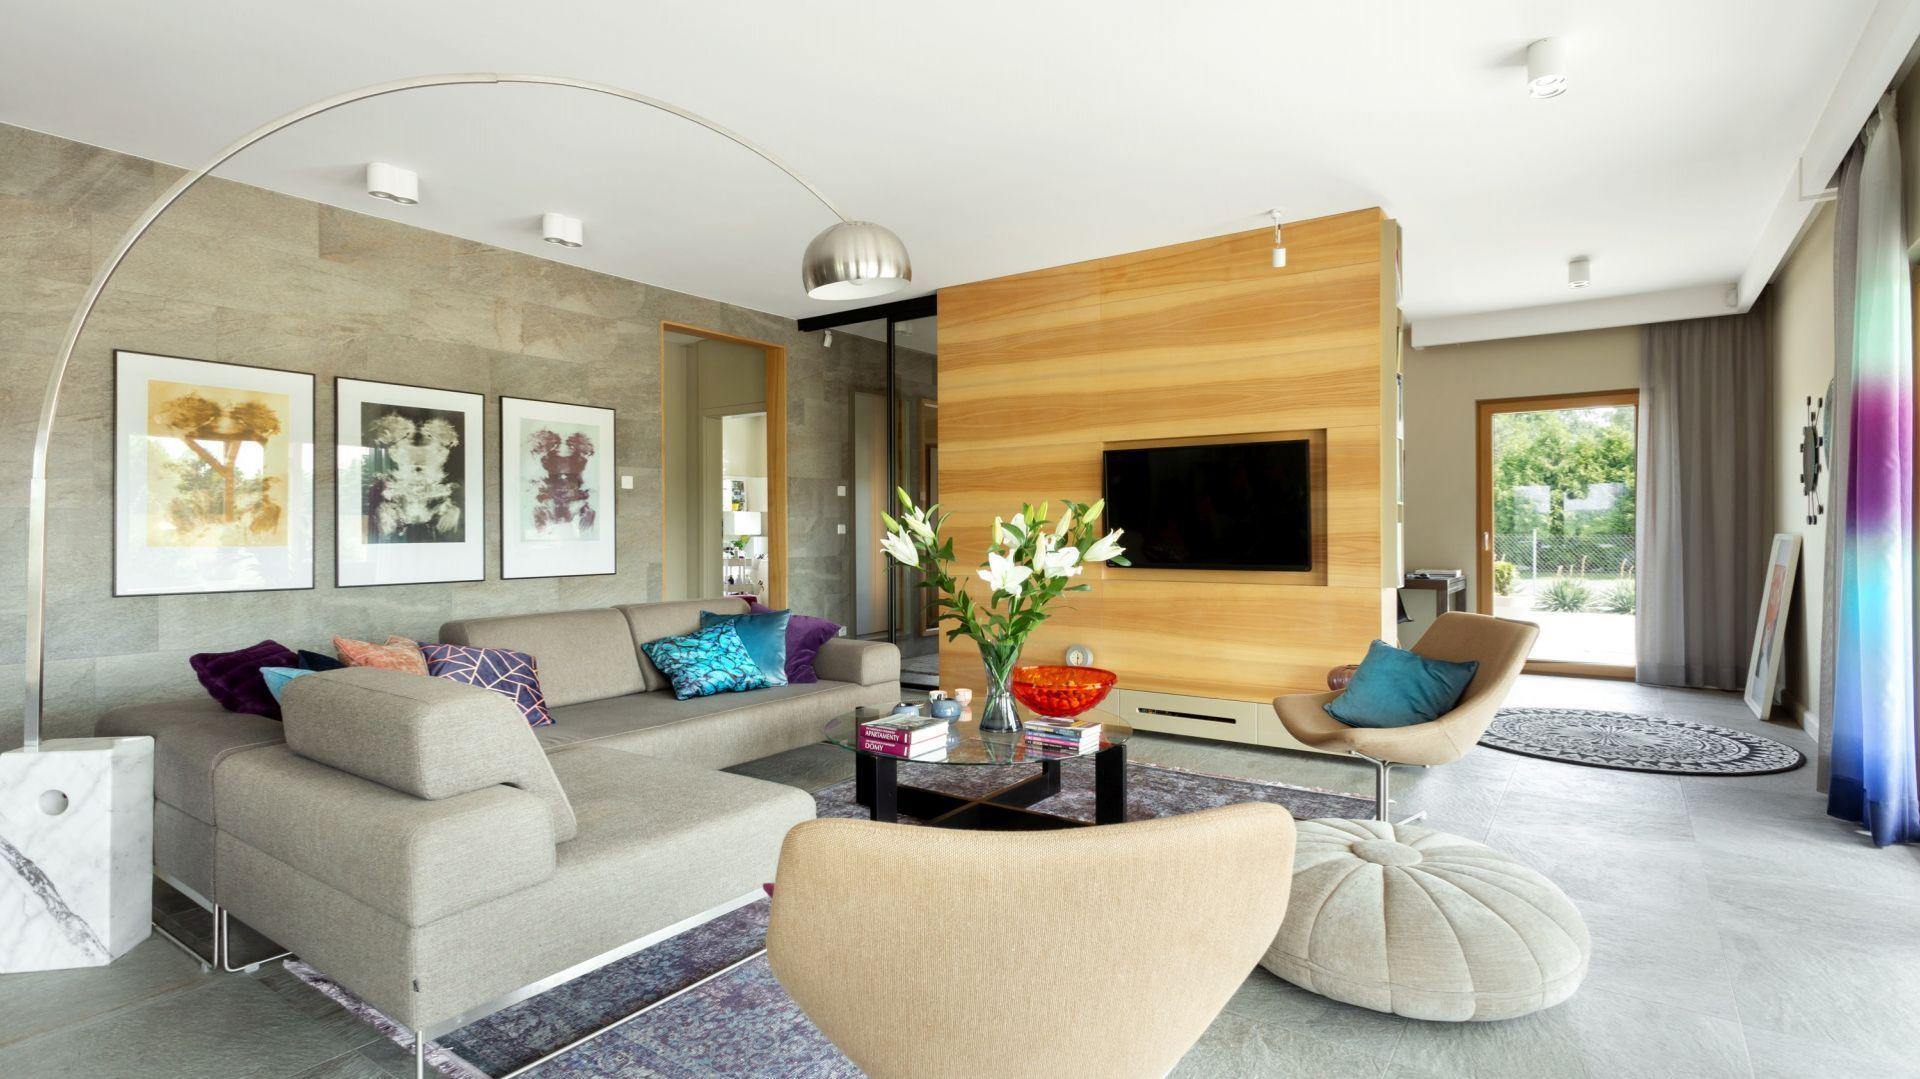 W tym nowoczesnym salonie kolorowe są tylko dodatki: poduszki, dywan, misa na stole. Cała reszta jest spokojna i stonowana. Projekt: Agnieszka Morawiec. Fot. Dekorialove